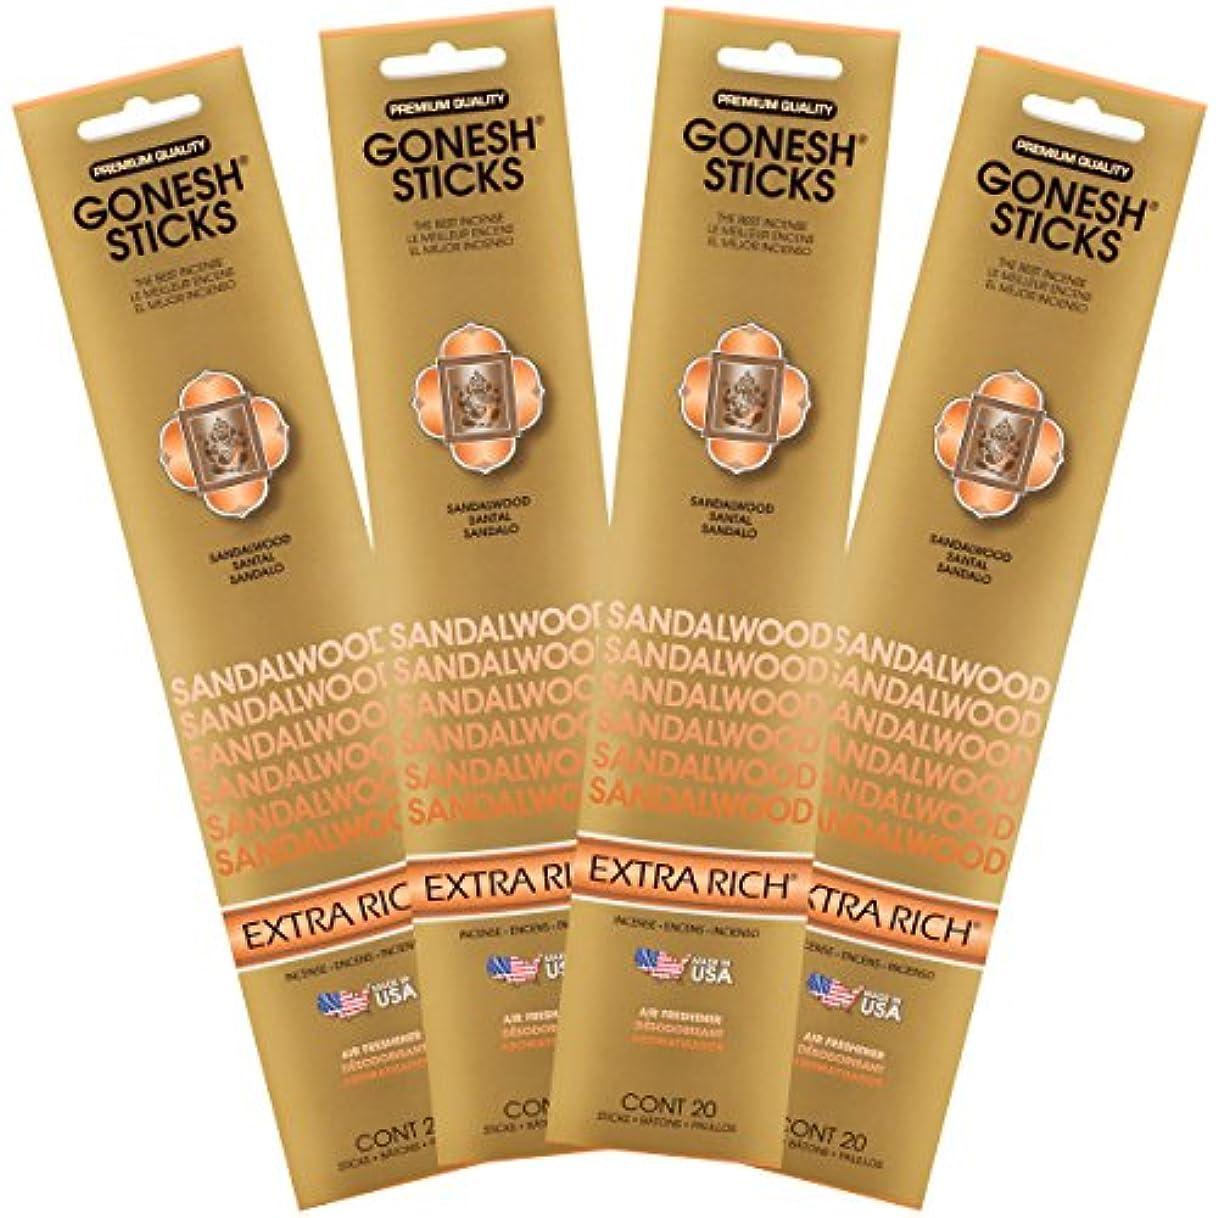 雨の州寛容な(Set of Four 20-Stick Packs) - Sandalwood - 4 PACK- Extra Rich Incense by GONESH